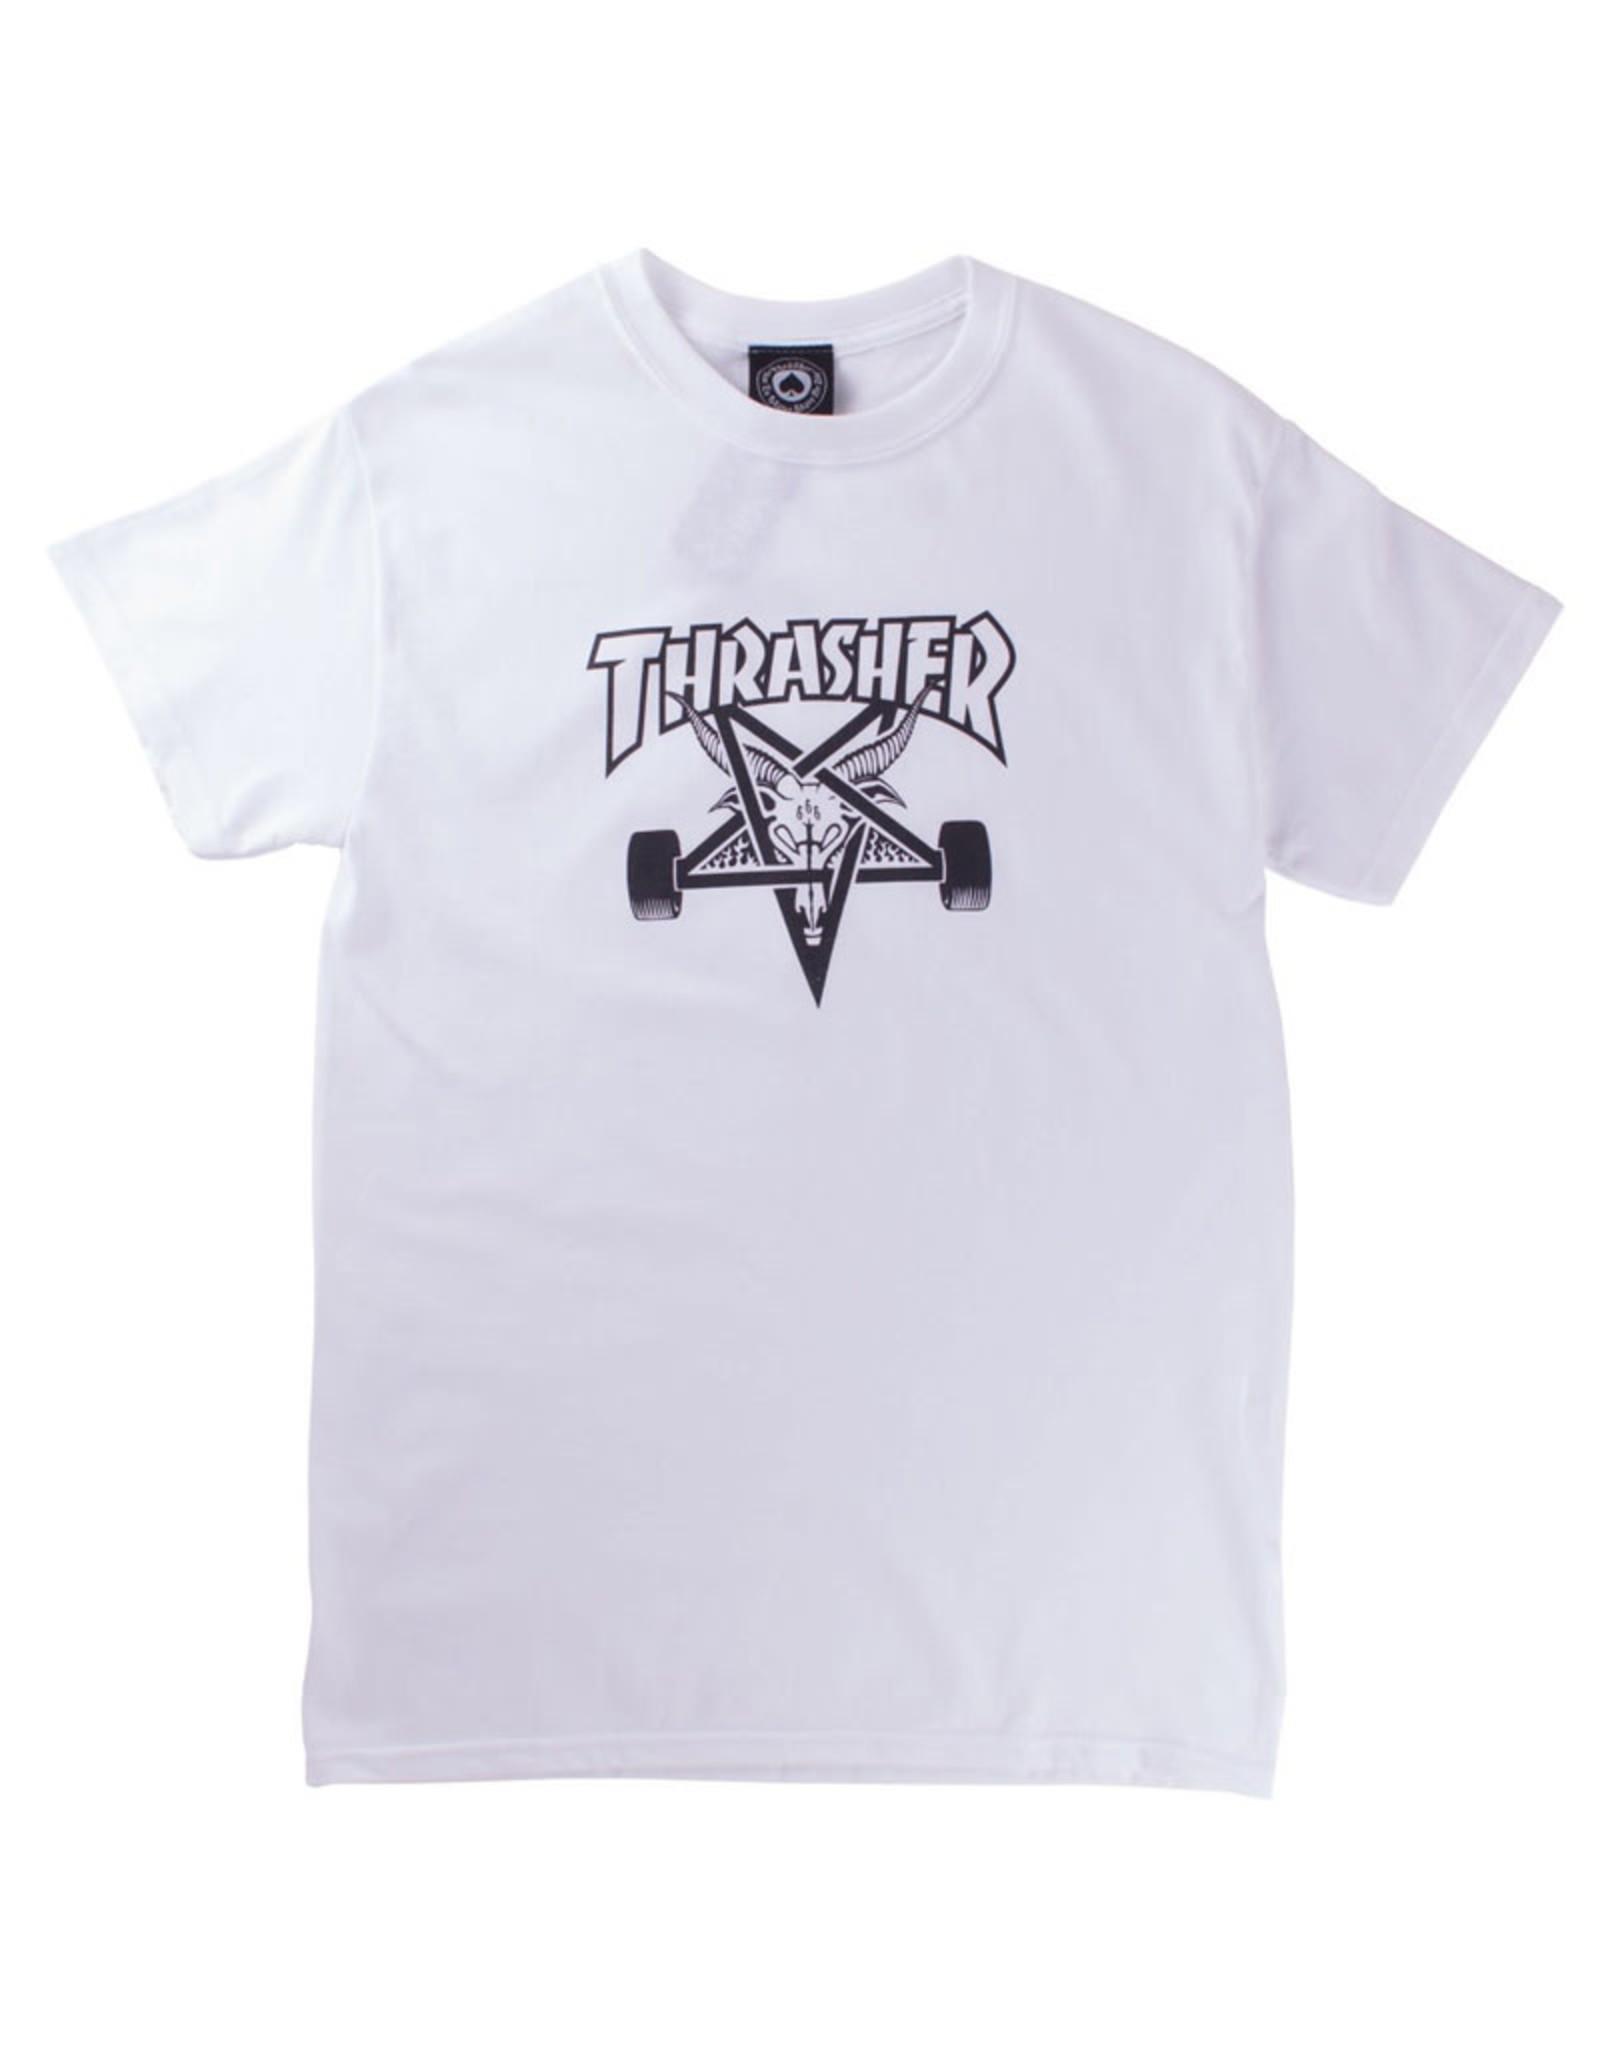 Thrasher Thrasher Tee Mens Sk8 Goat S/S (White)